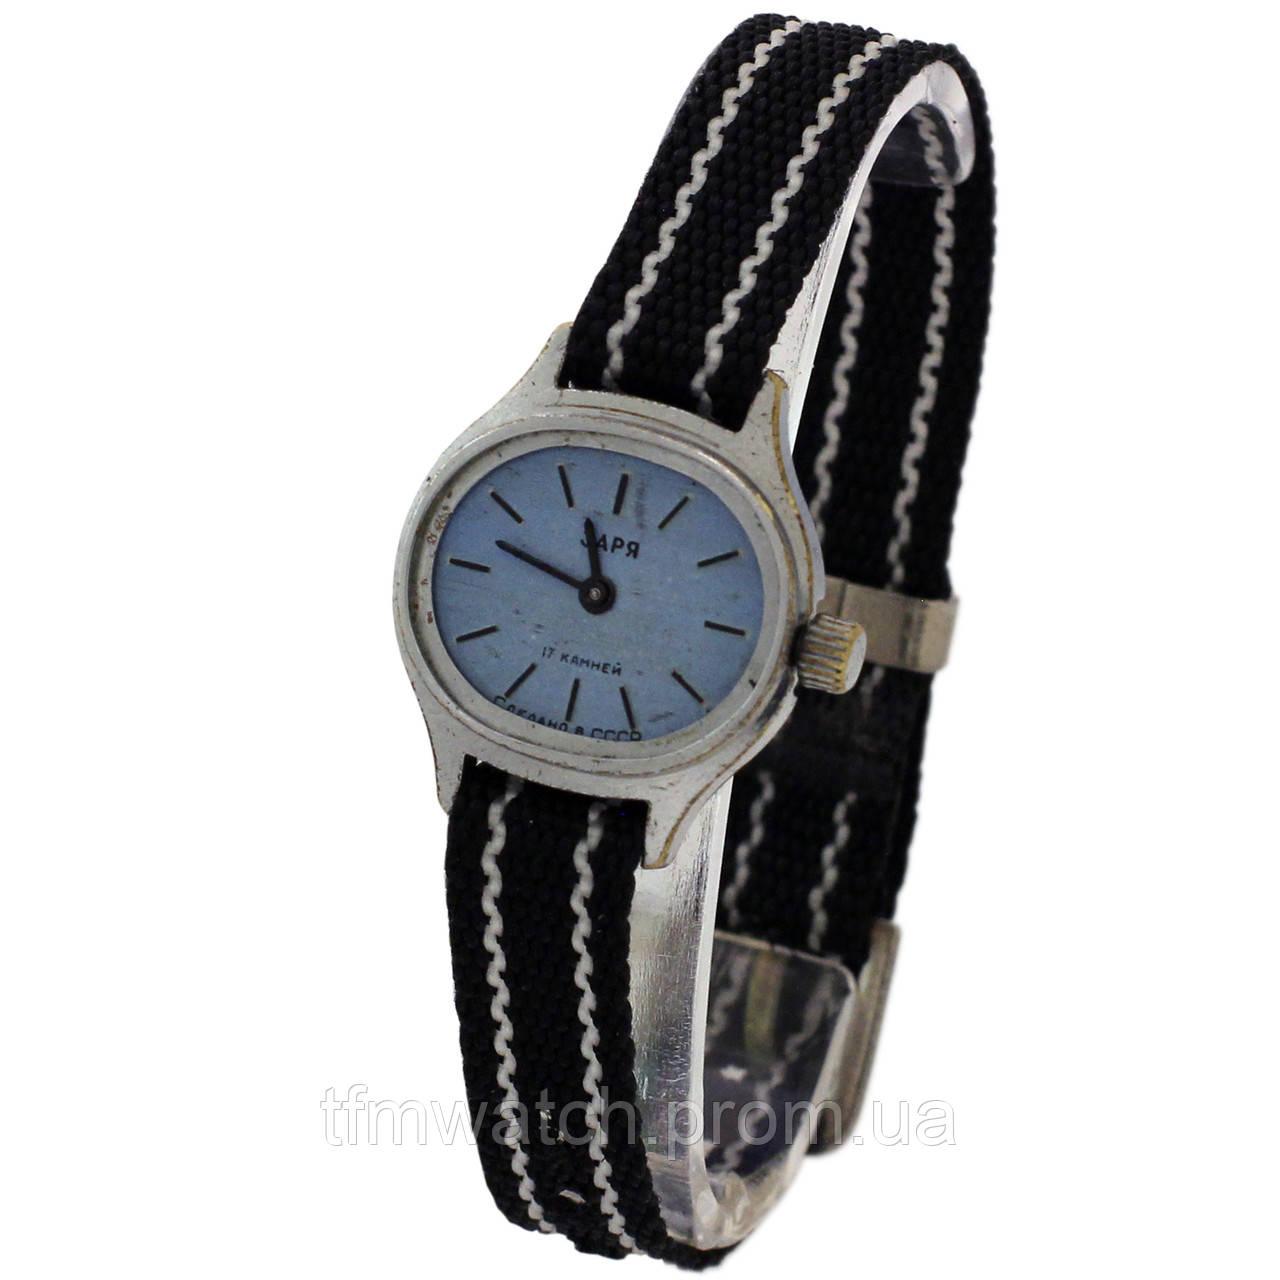 117c5e6b Механические часы Заря 17 камней сделано в СССР - Магазин старинных,  винтажных и антикварных часов